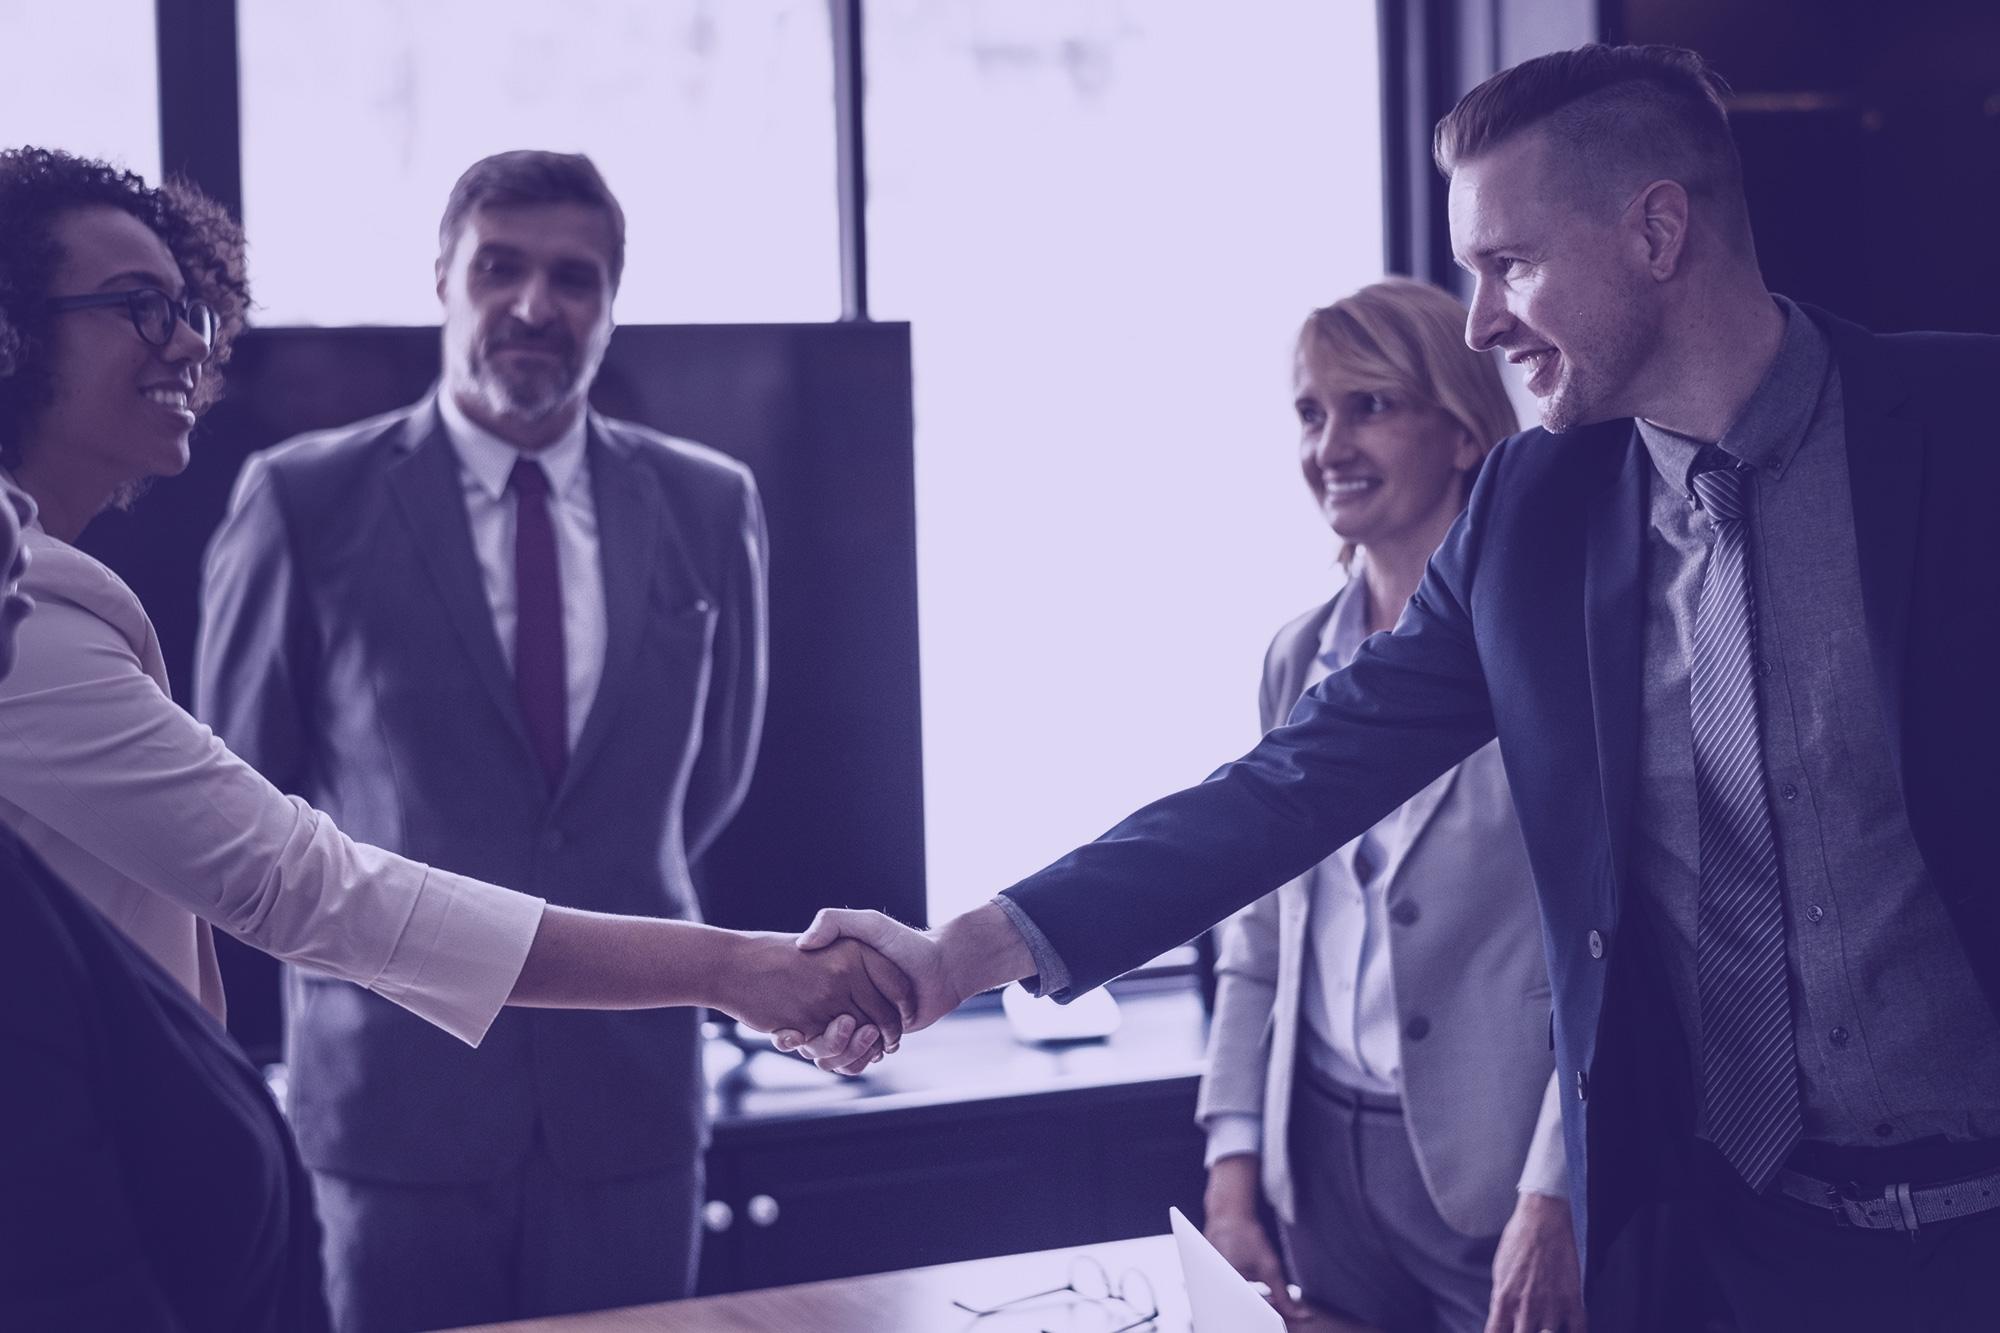 Claves para que tus reuniones en inglés sean un éxito